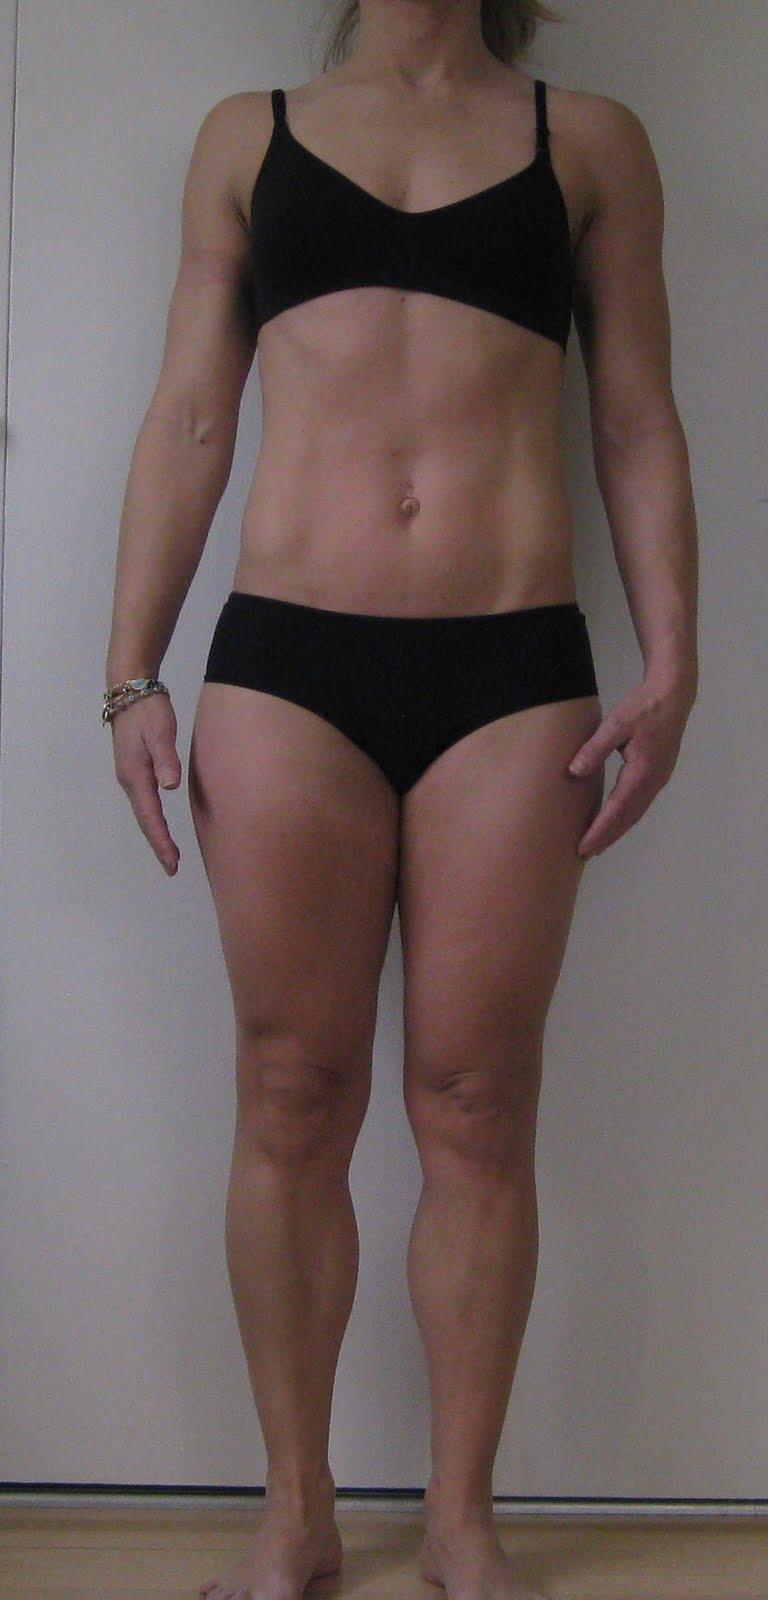 Fat Female Pics 14